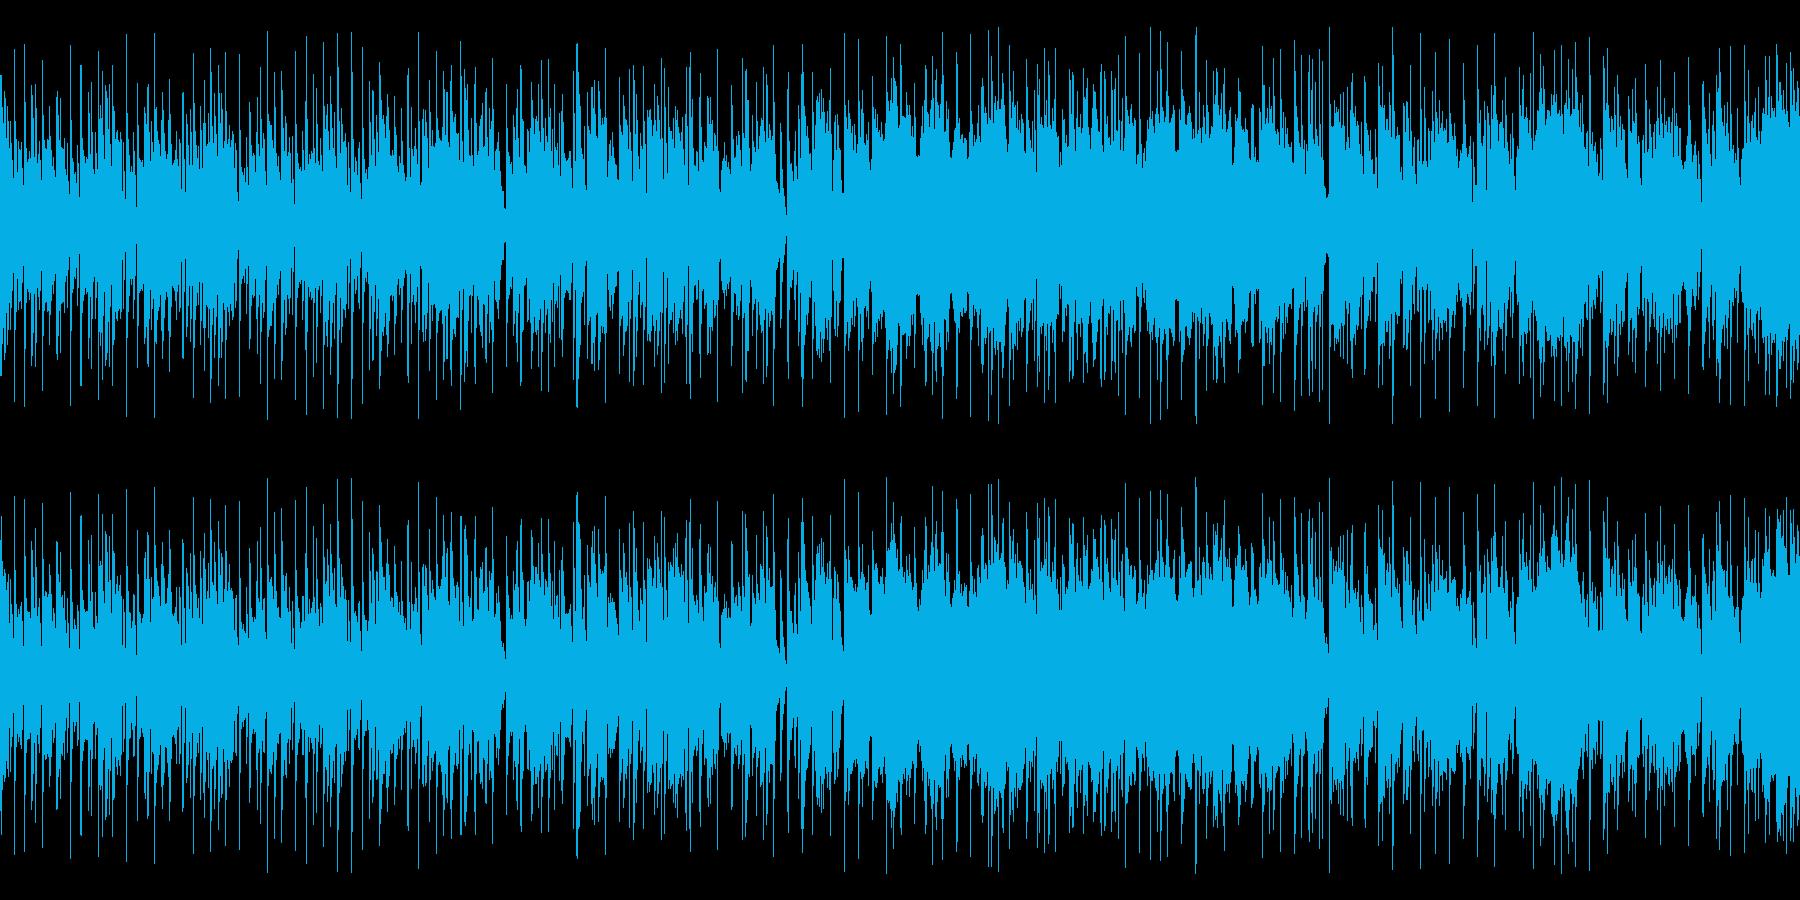 ピアノトリオ+サックスのフュージョンの再生済みの波形